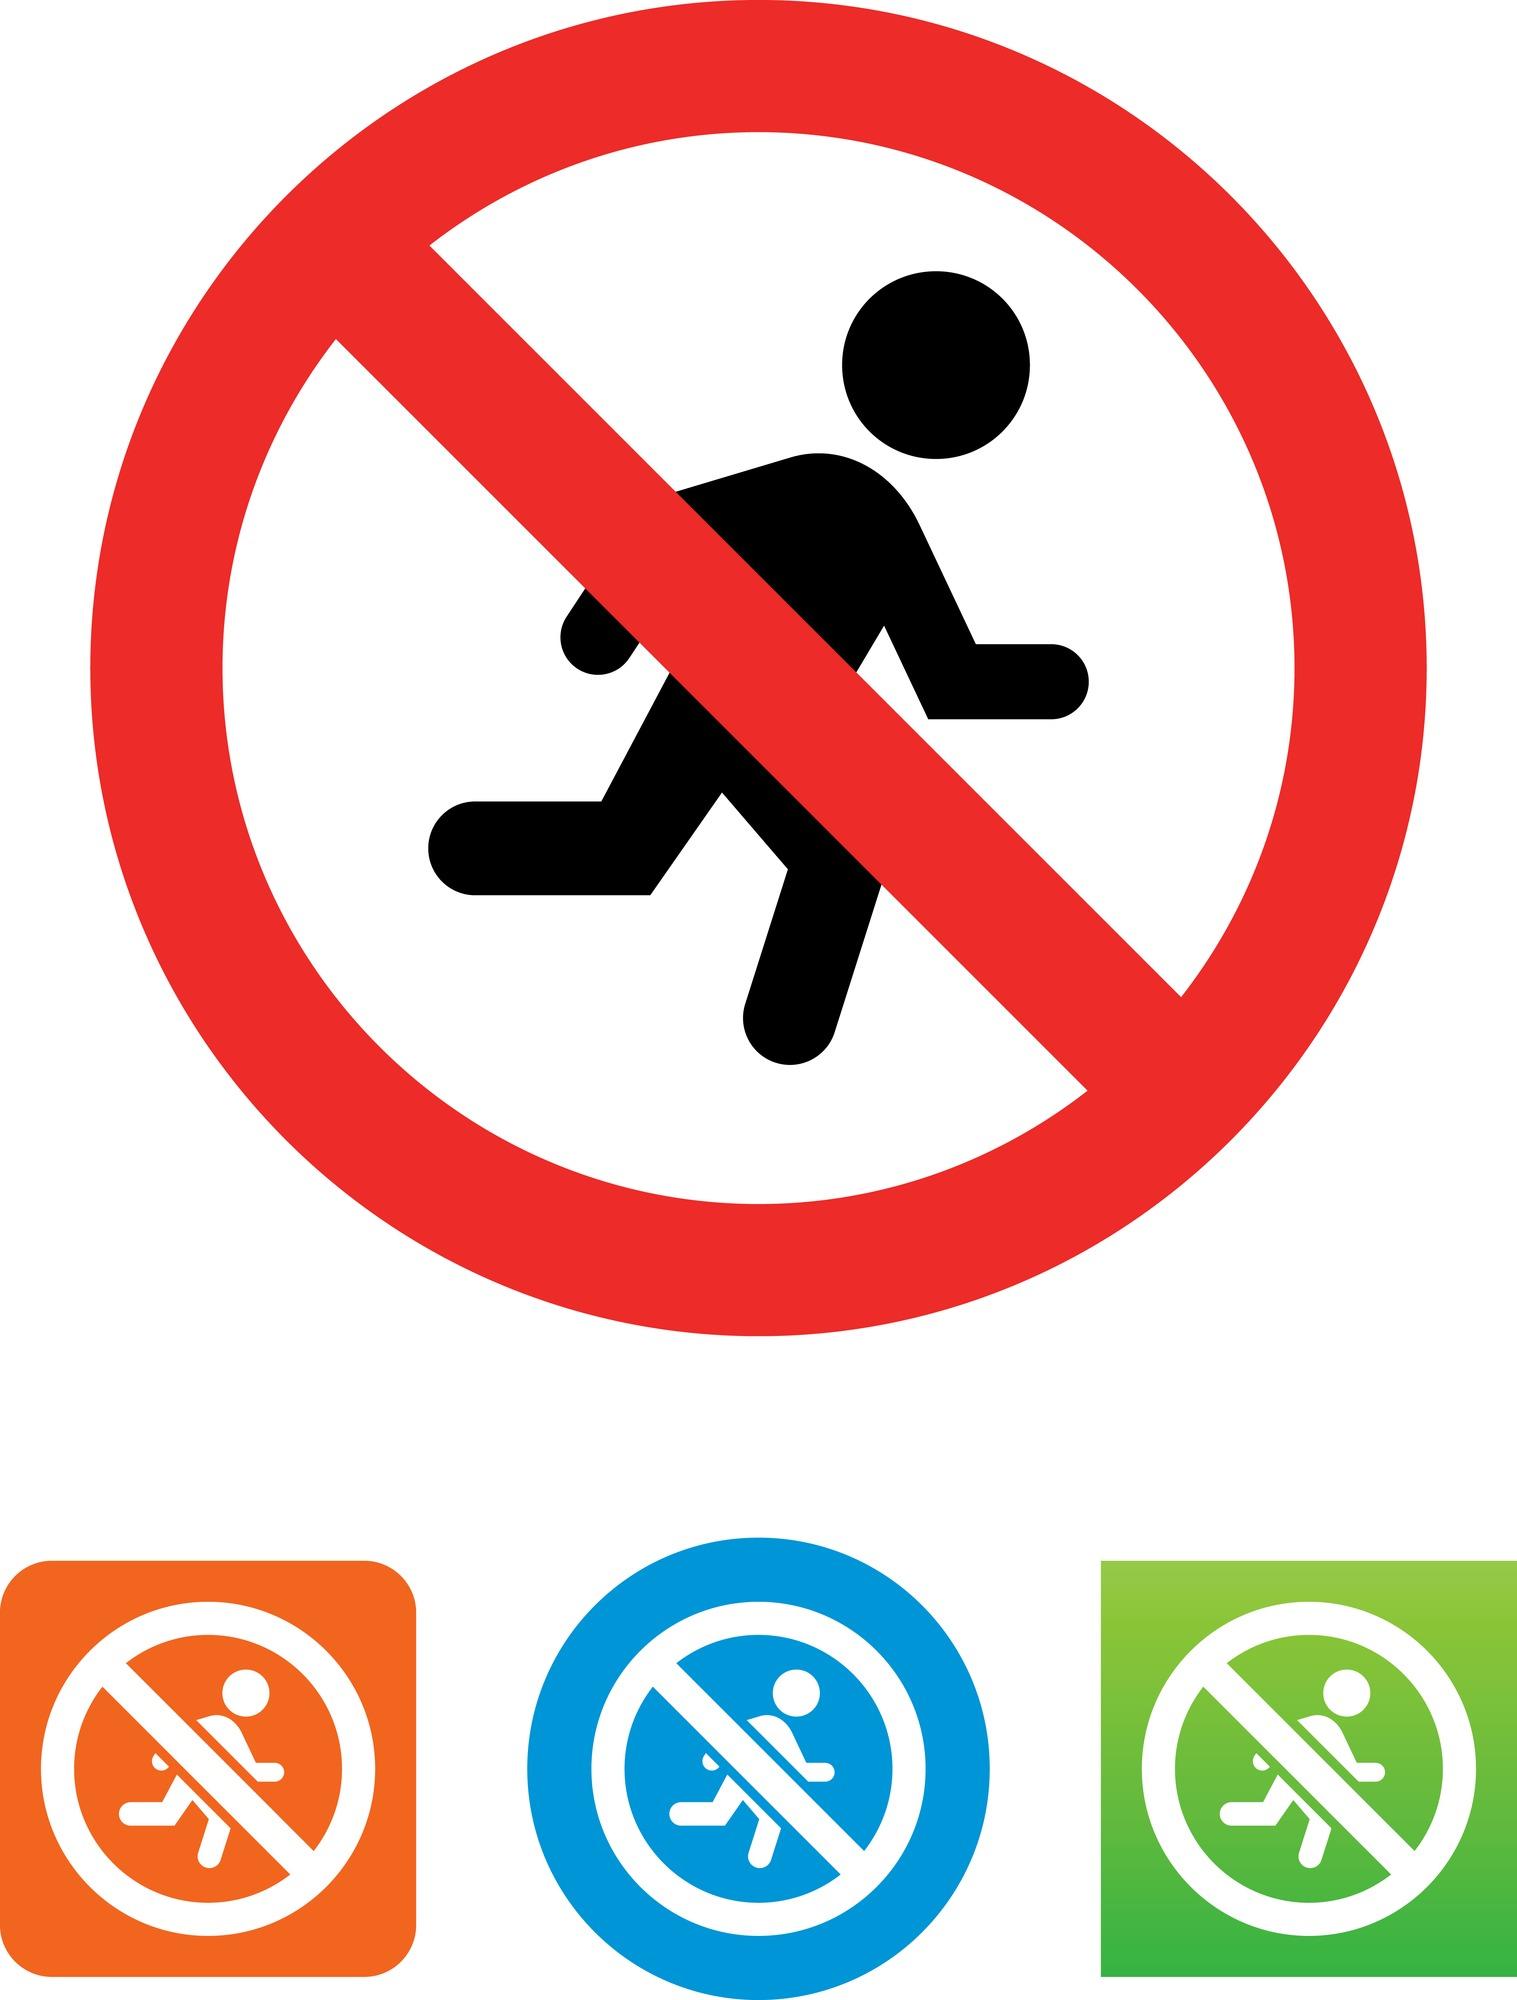 legale-utile-coronavirus-covid 19-spostamenti-restrizioni-parco-corsa-jogging